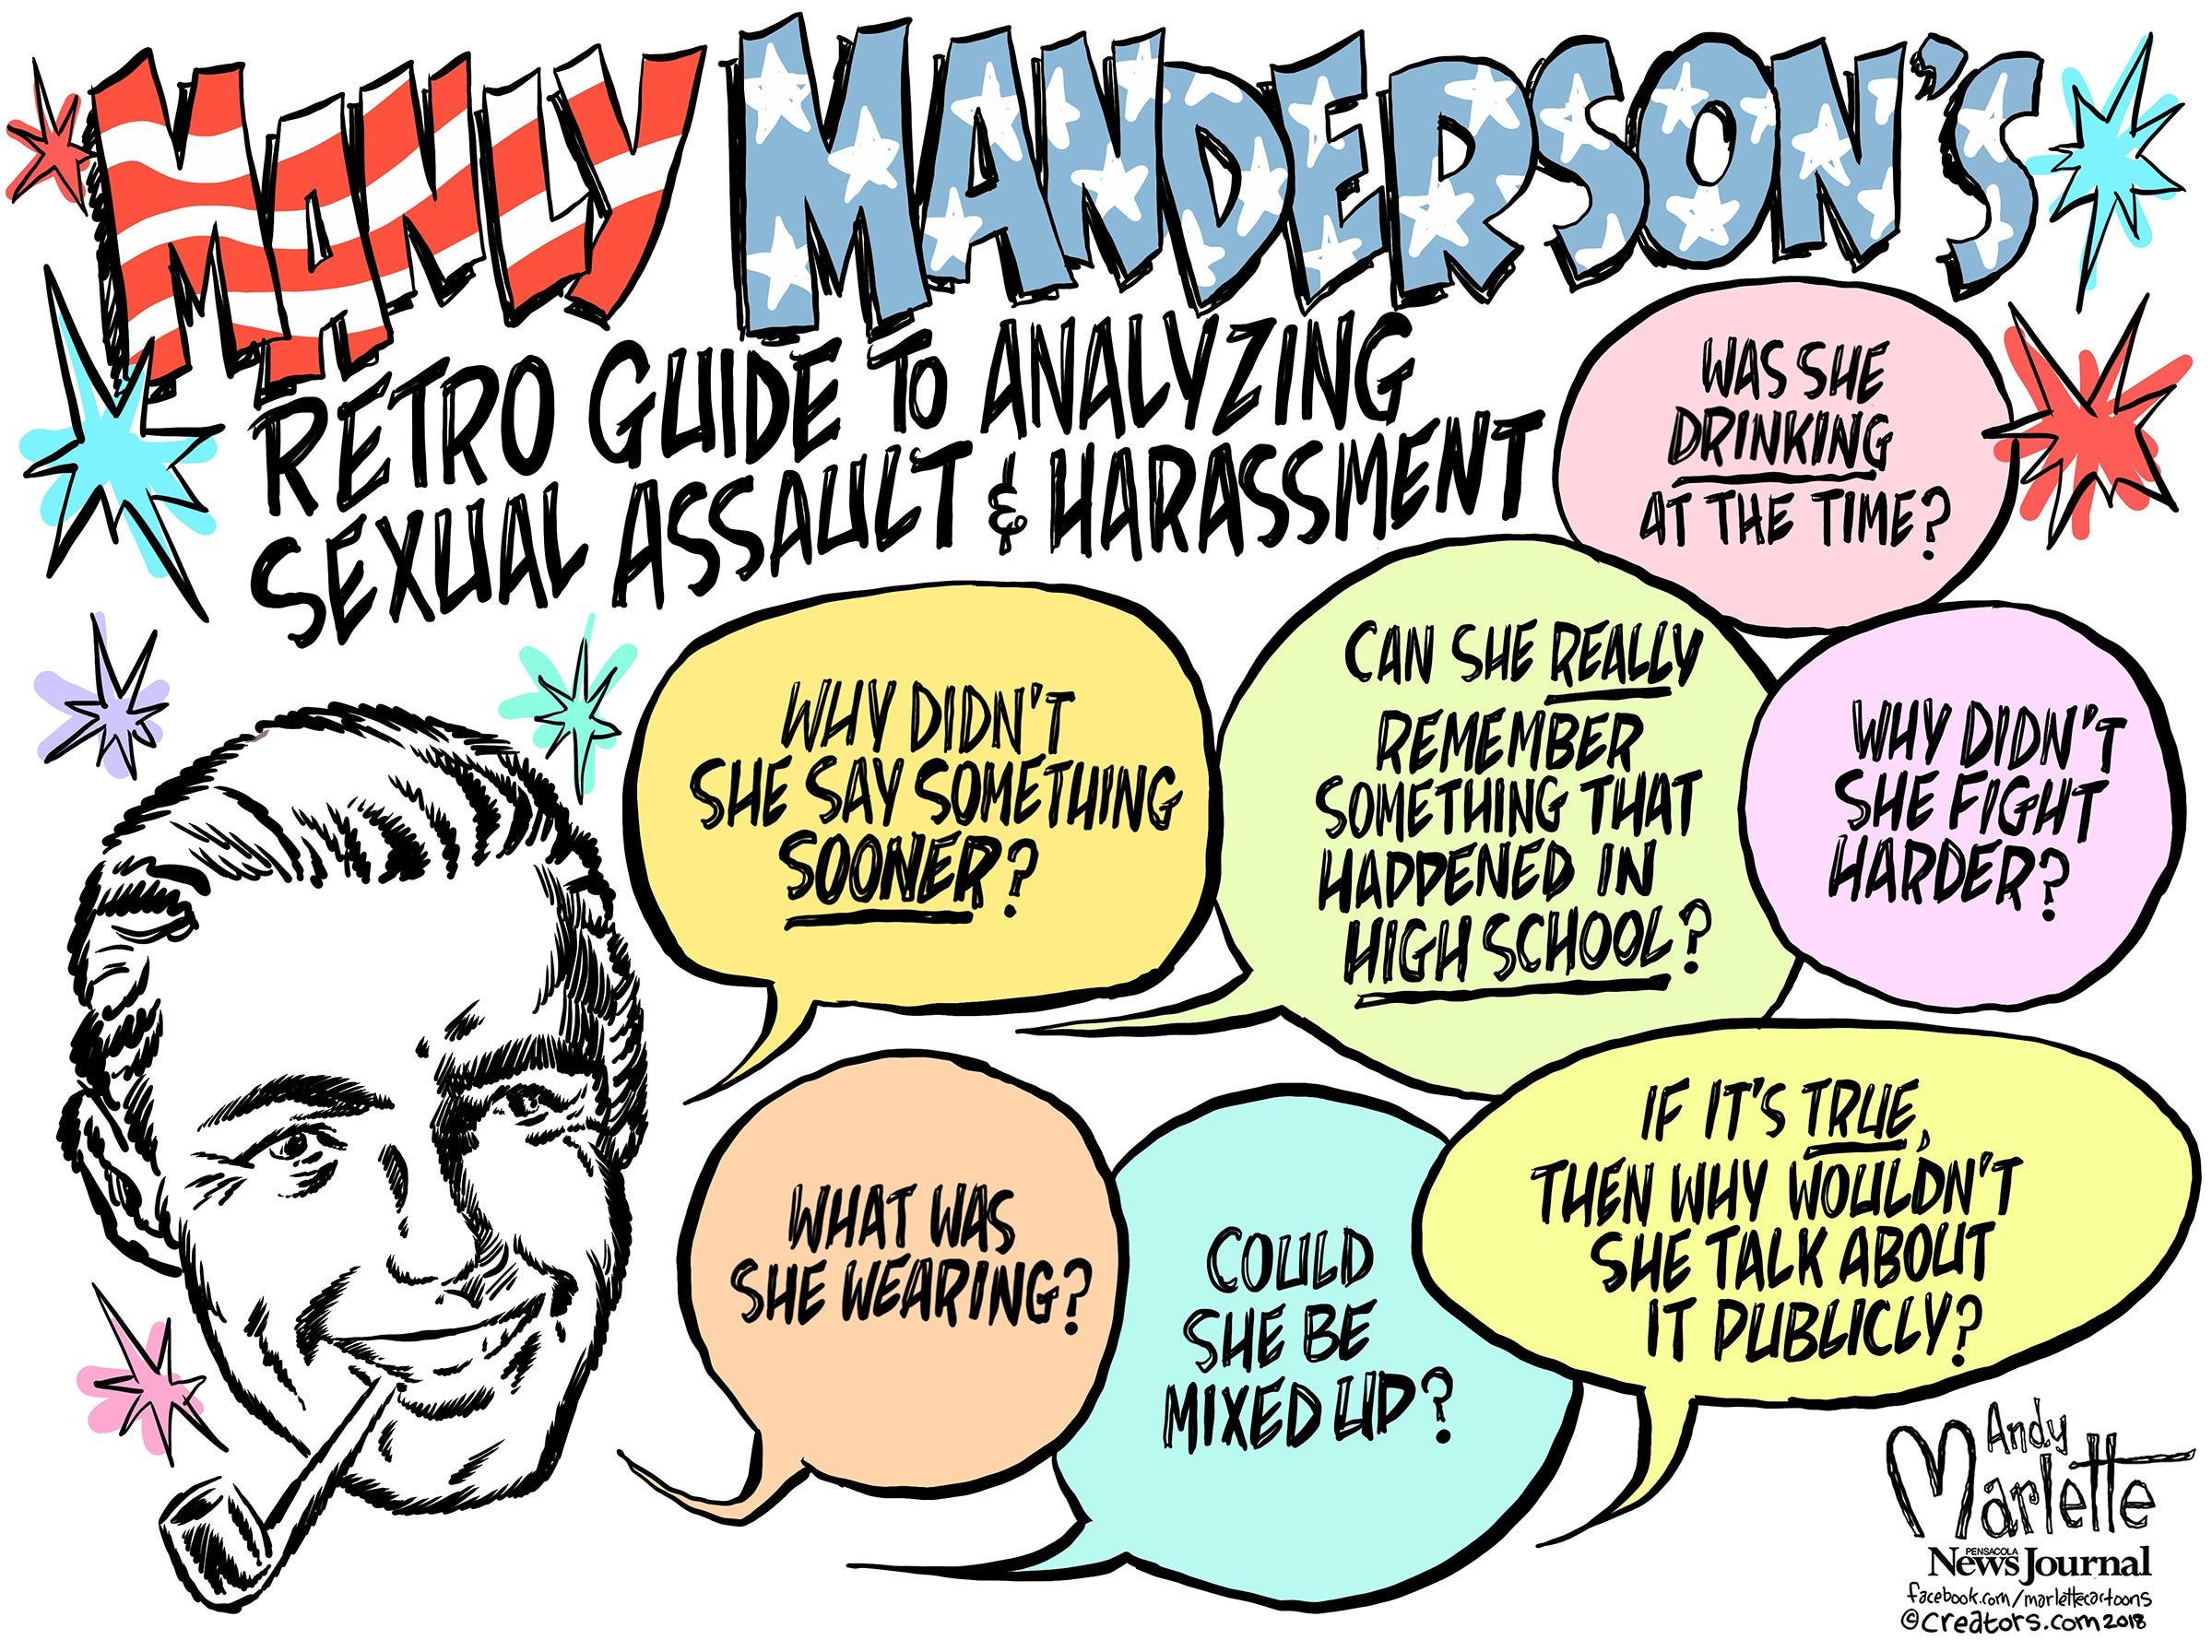 Andy Marlette, amarlette@pnj.com